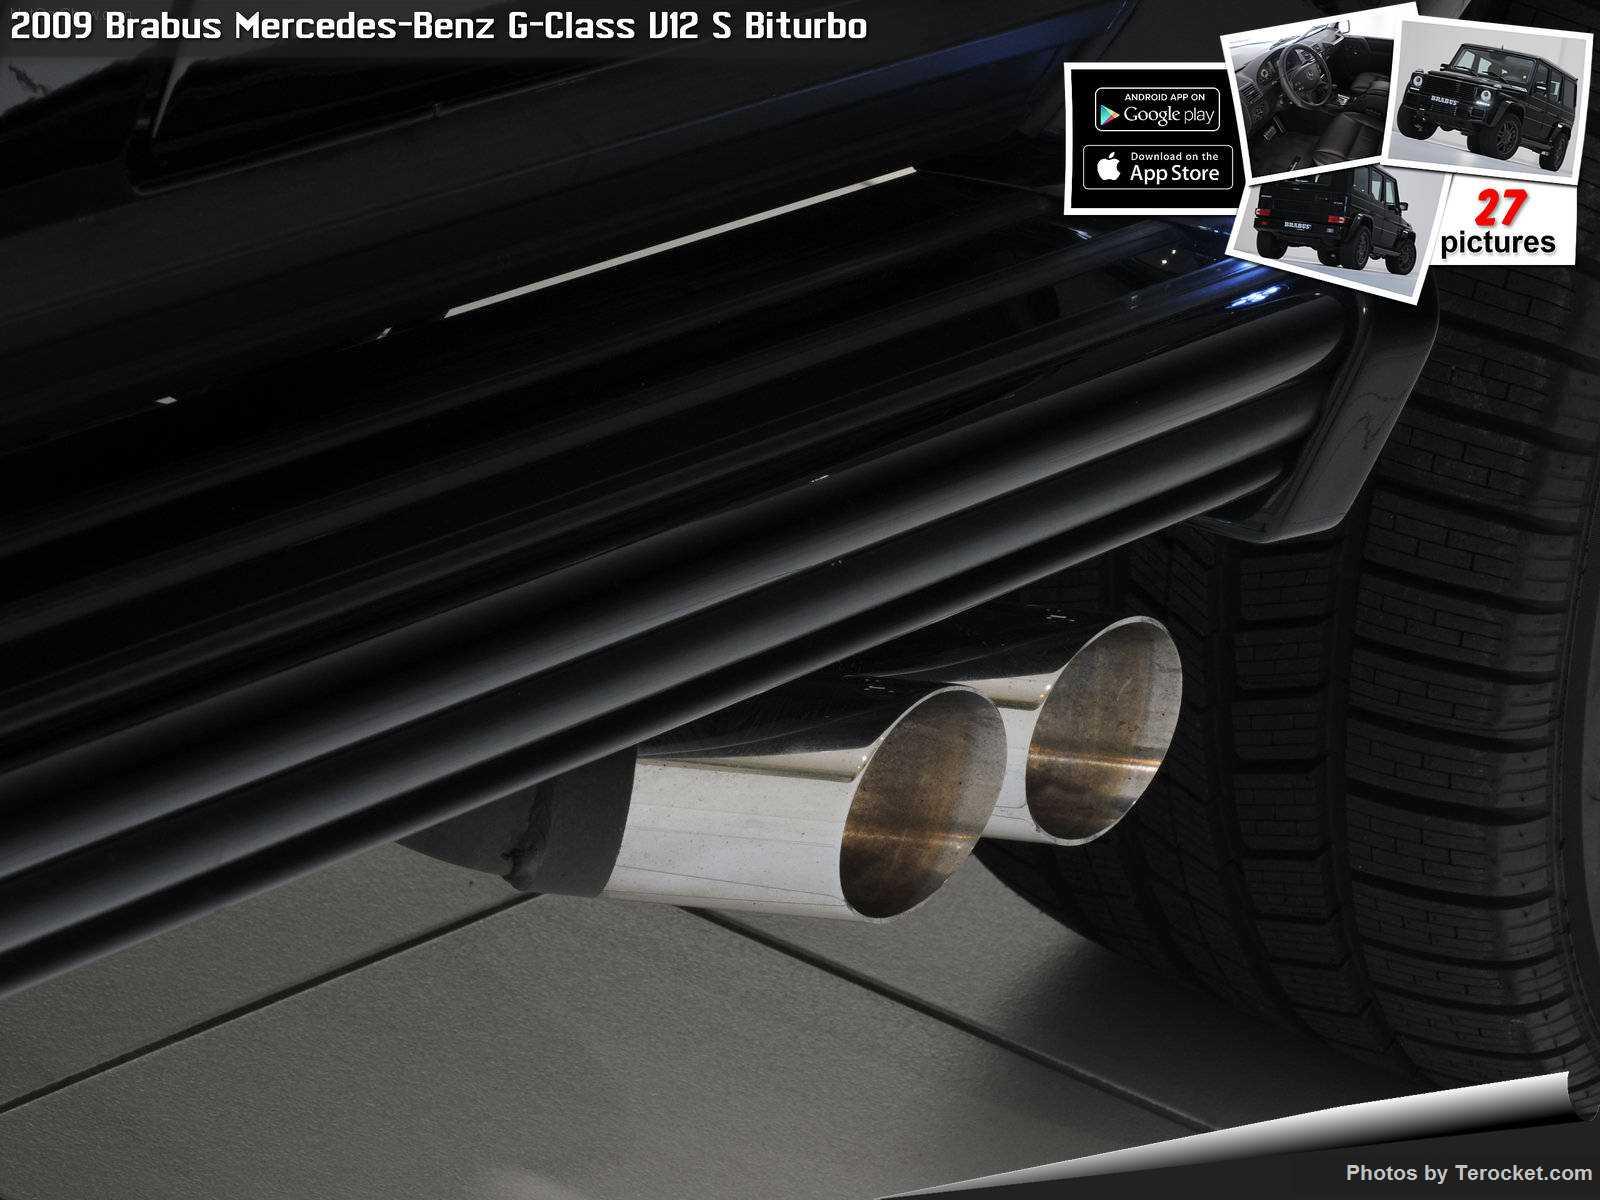 Hình ảnh xe ô tô Brabus Mercedes-Benz G-Class V12 S Biturbo 2009 & nội ngoại thất